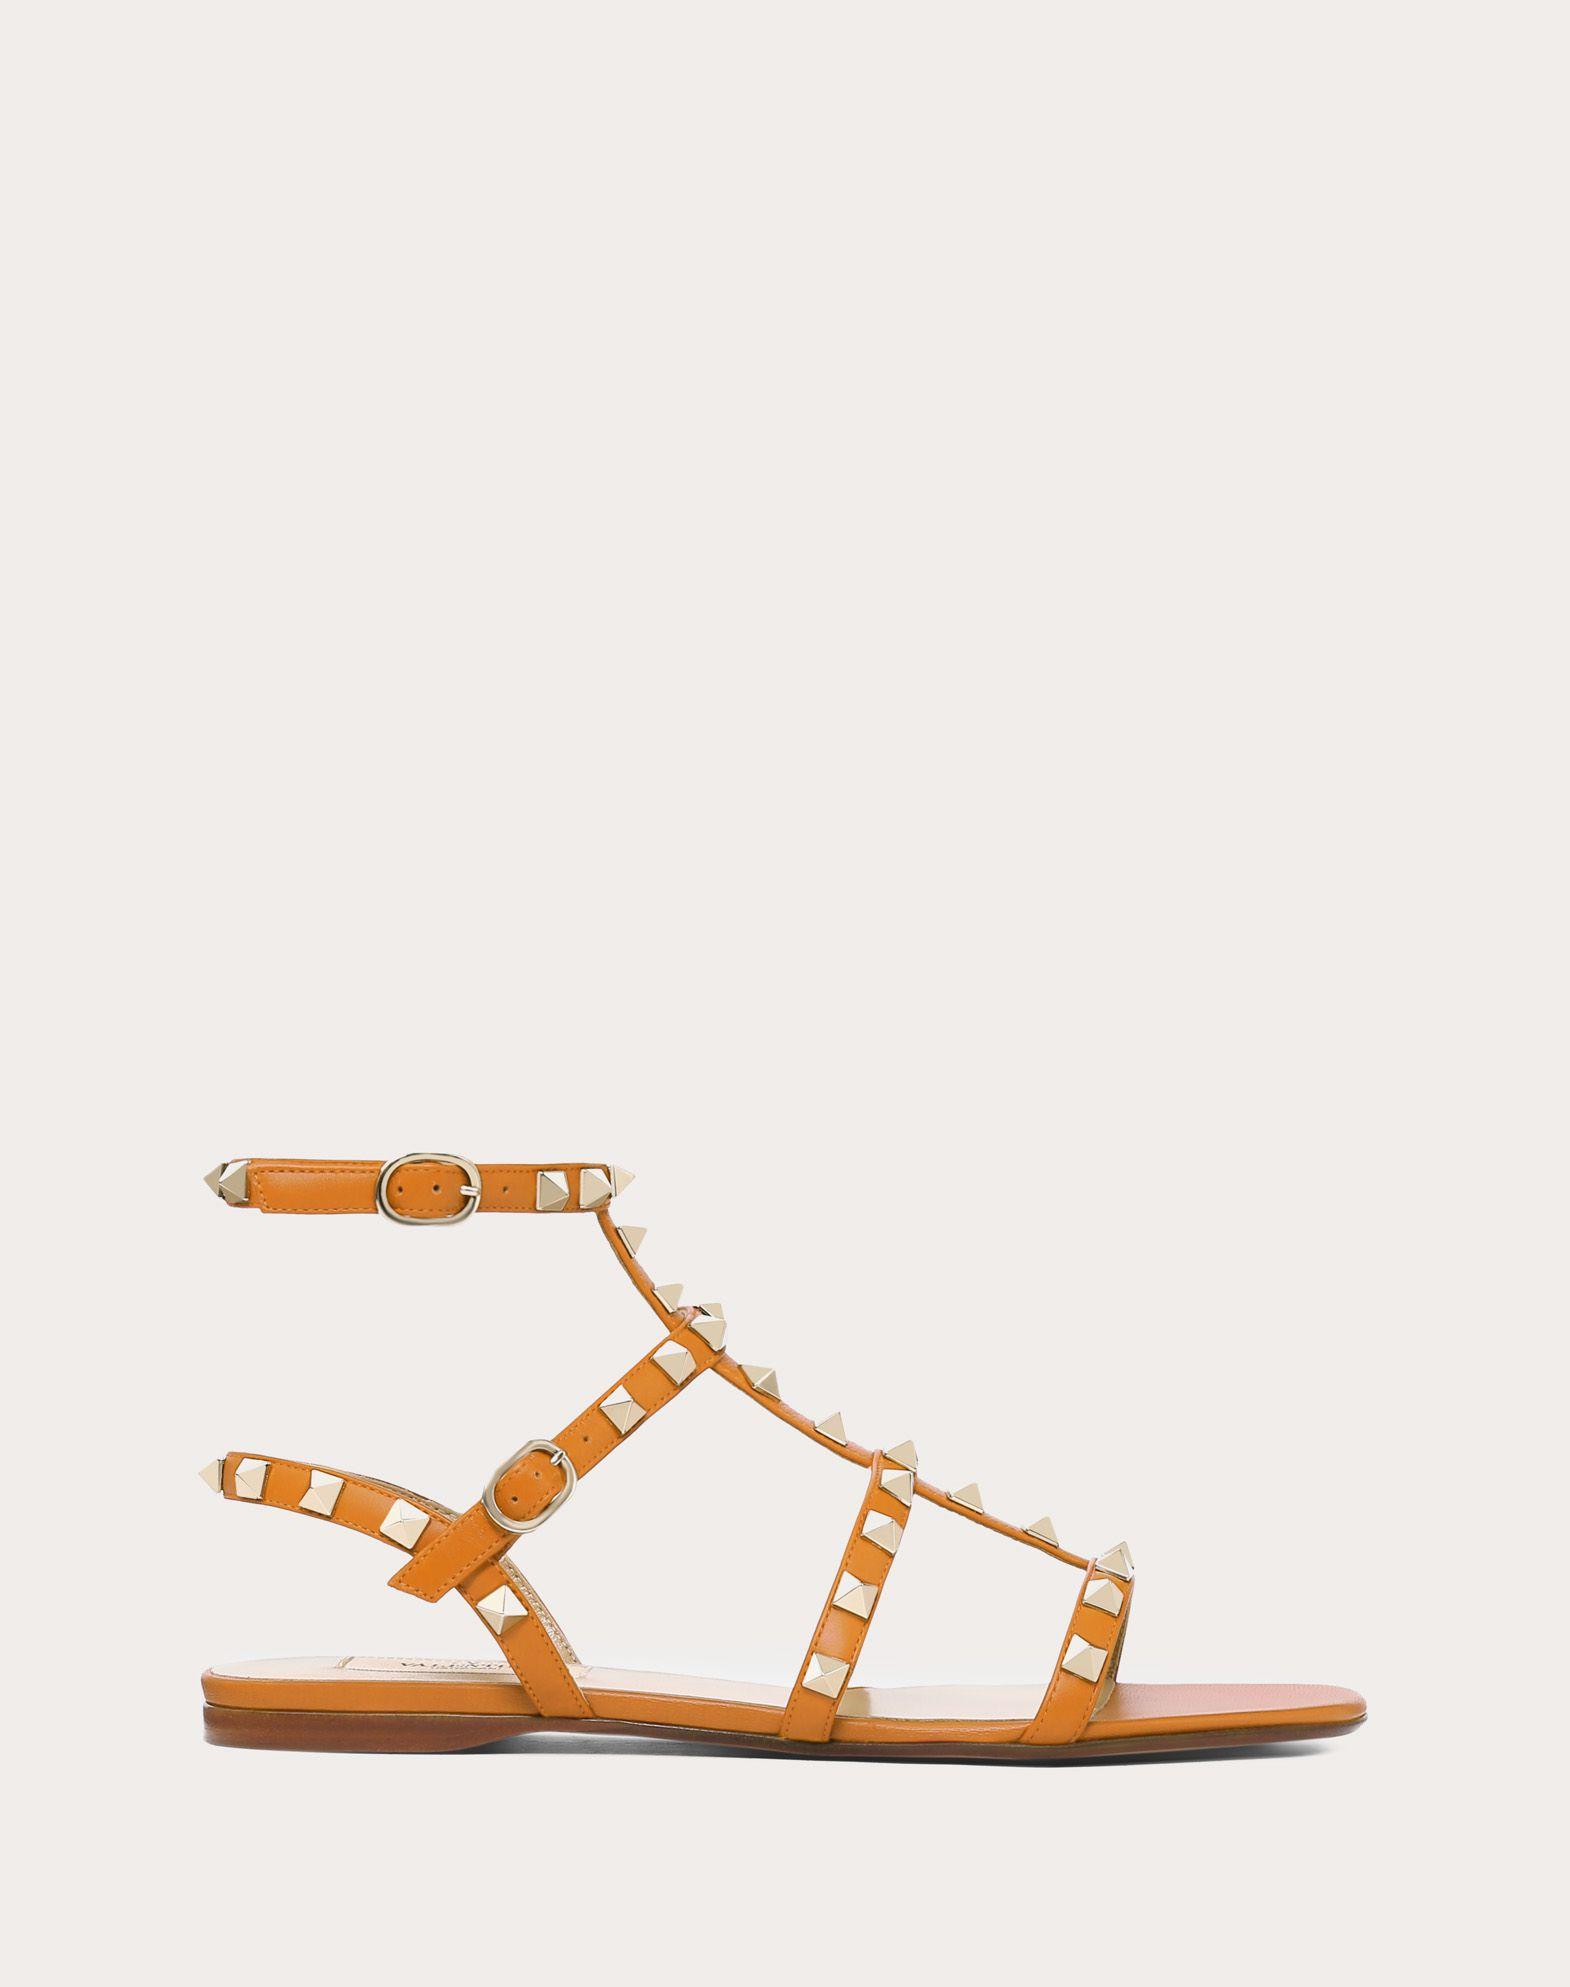 Sandalo basso Rockstud in vitello con cinturini